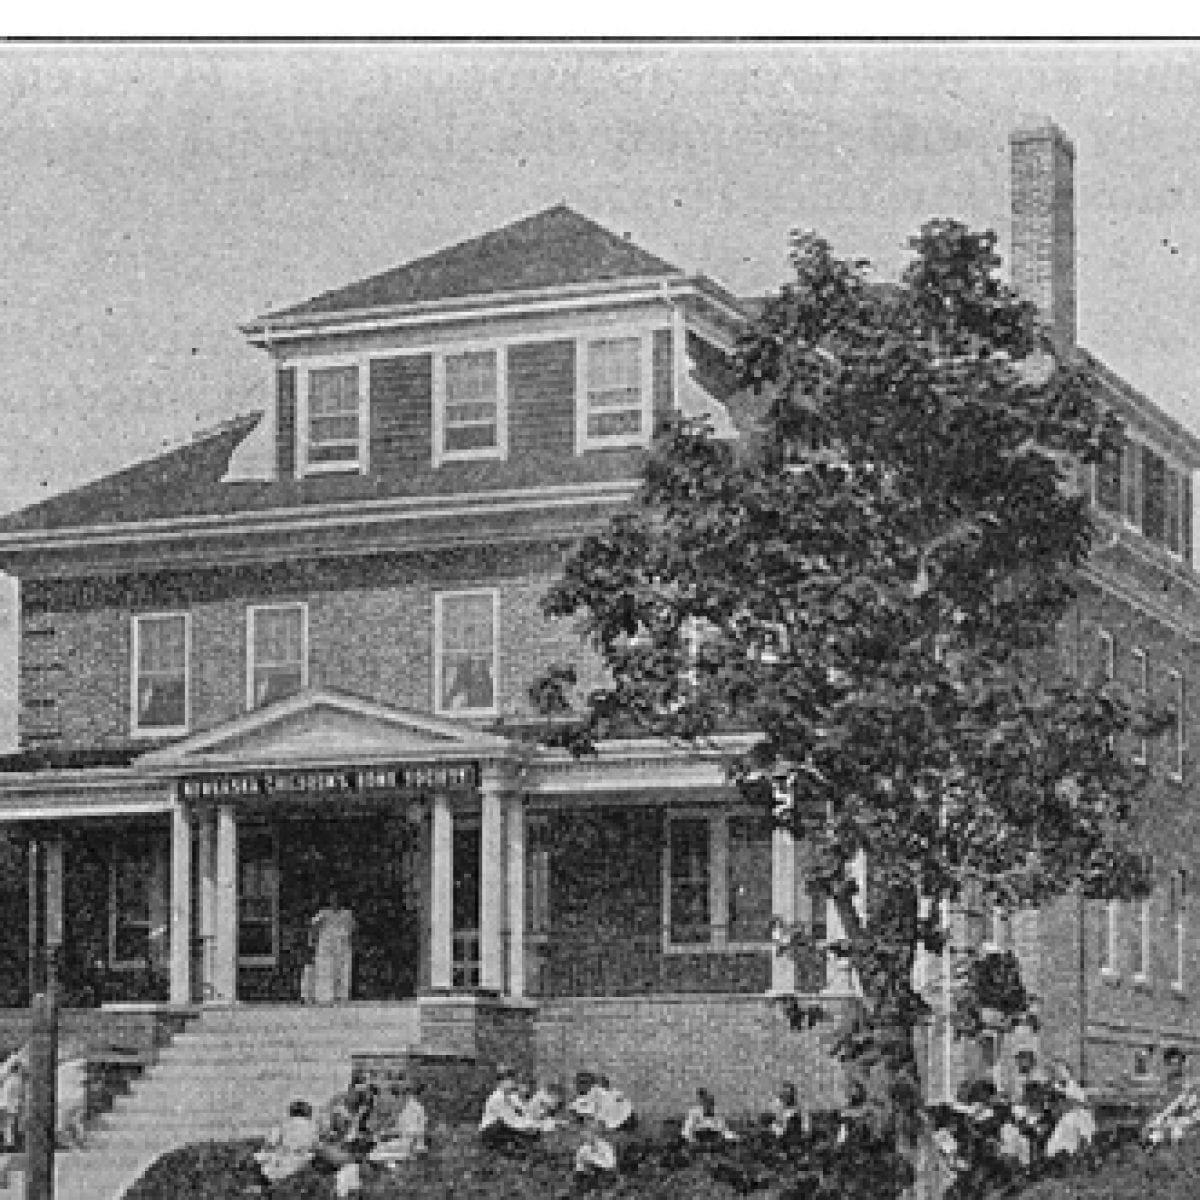 1924 – Fontenelle Receiving Home built